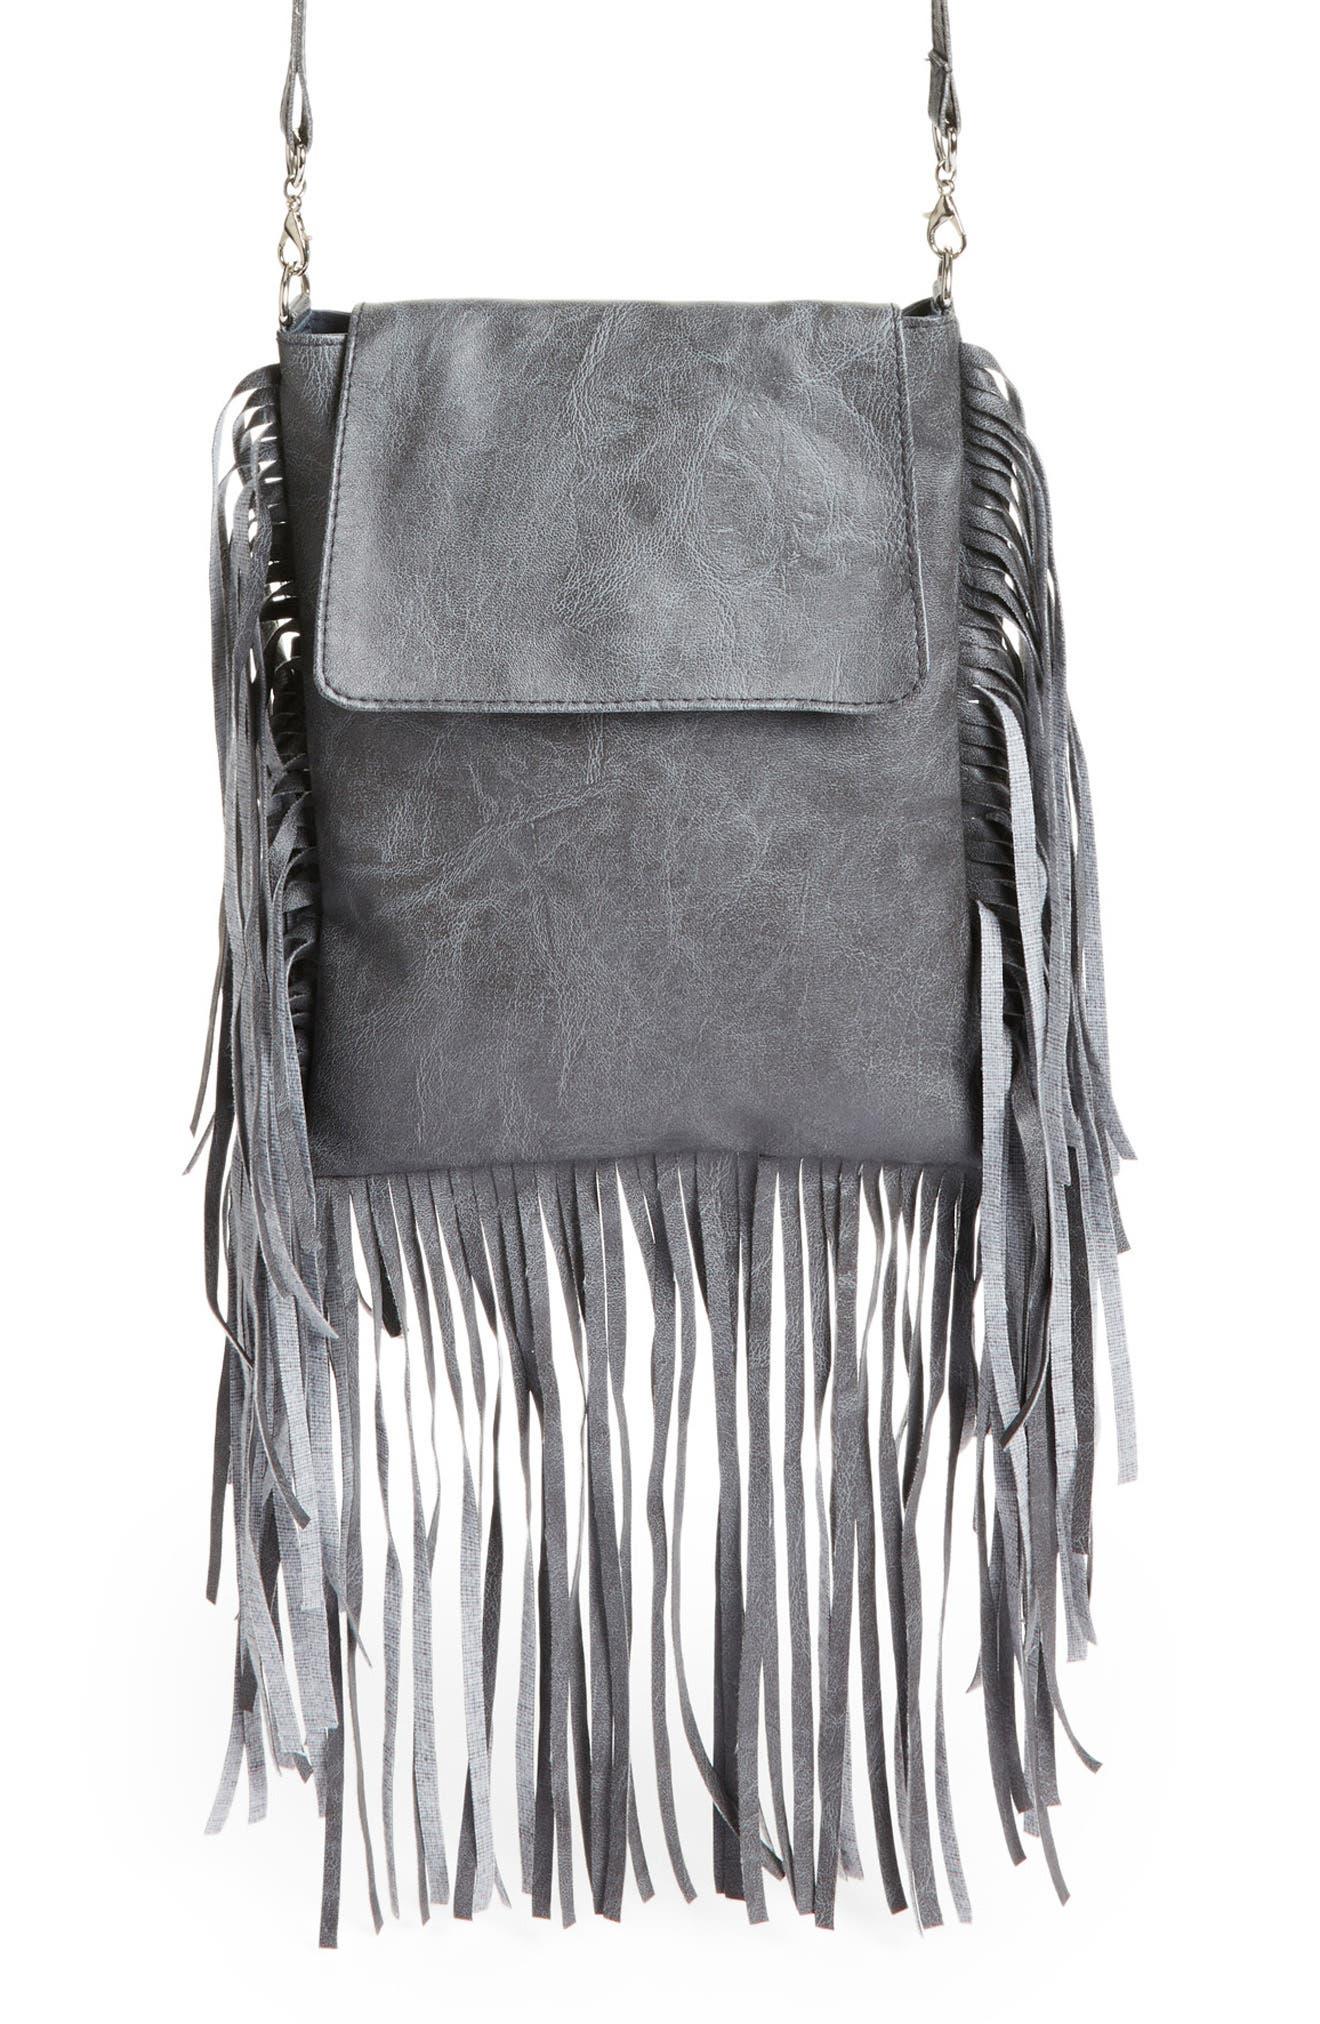 Fringe Faux Leather Crossbody Bag